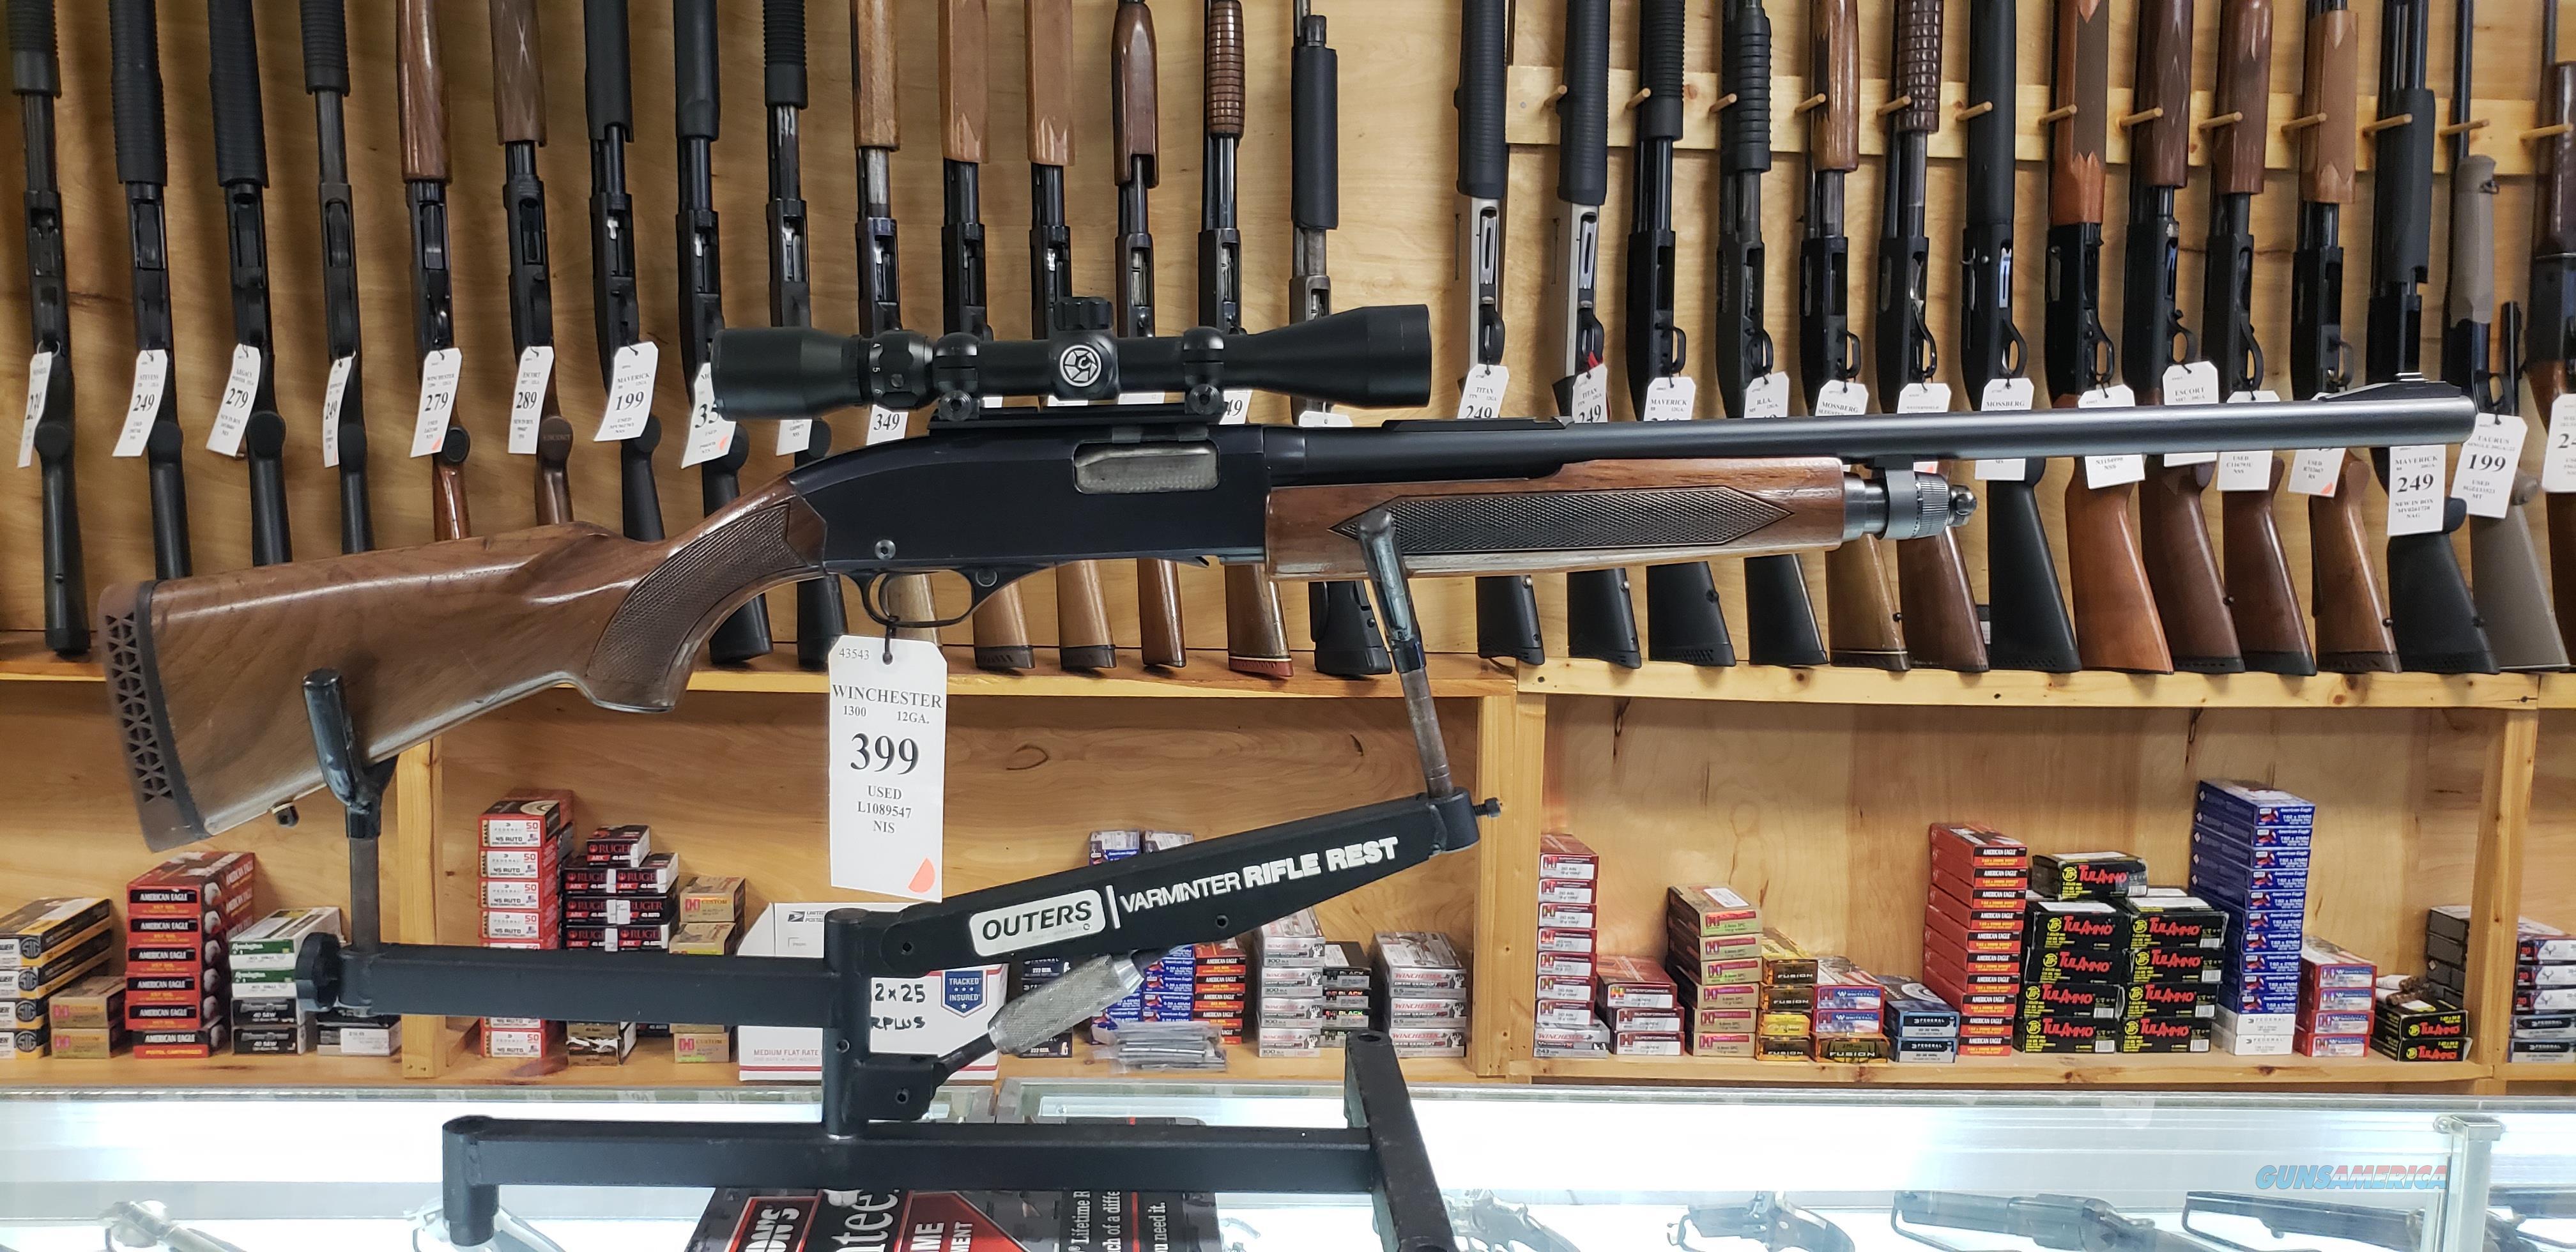 Winchester Model 1300 12GA Pump Action Rifled Shotgun *LAYAWAY AVAILABLE*  Guns > Shotguns > Winchester Shotguns - Modern > Pump Action > Deer Guns